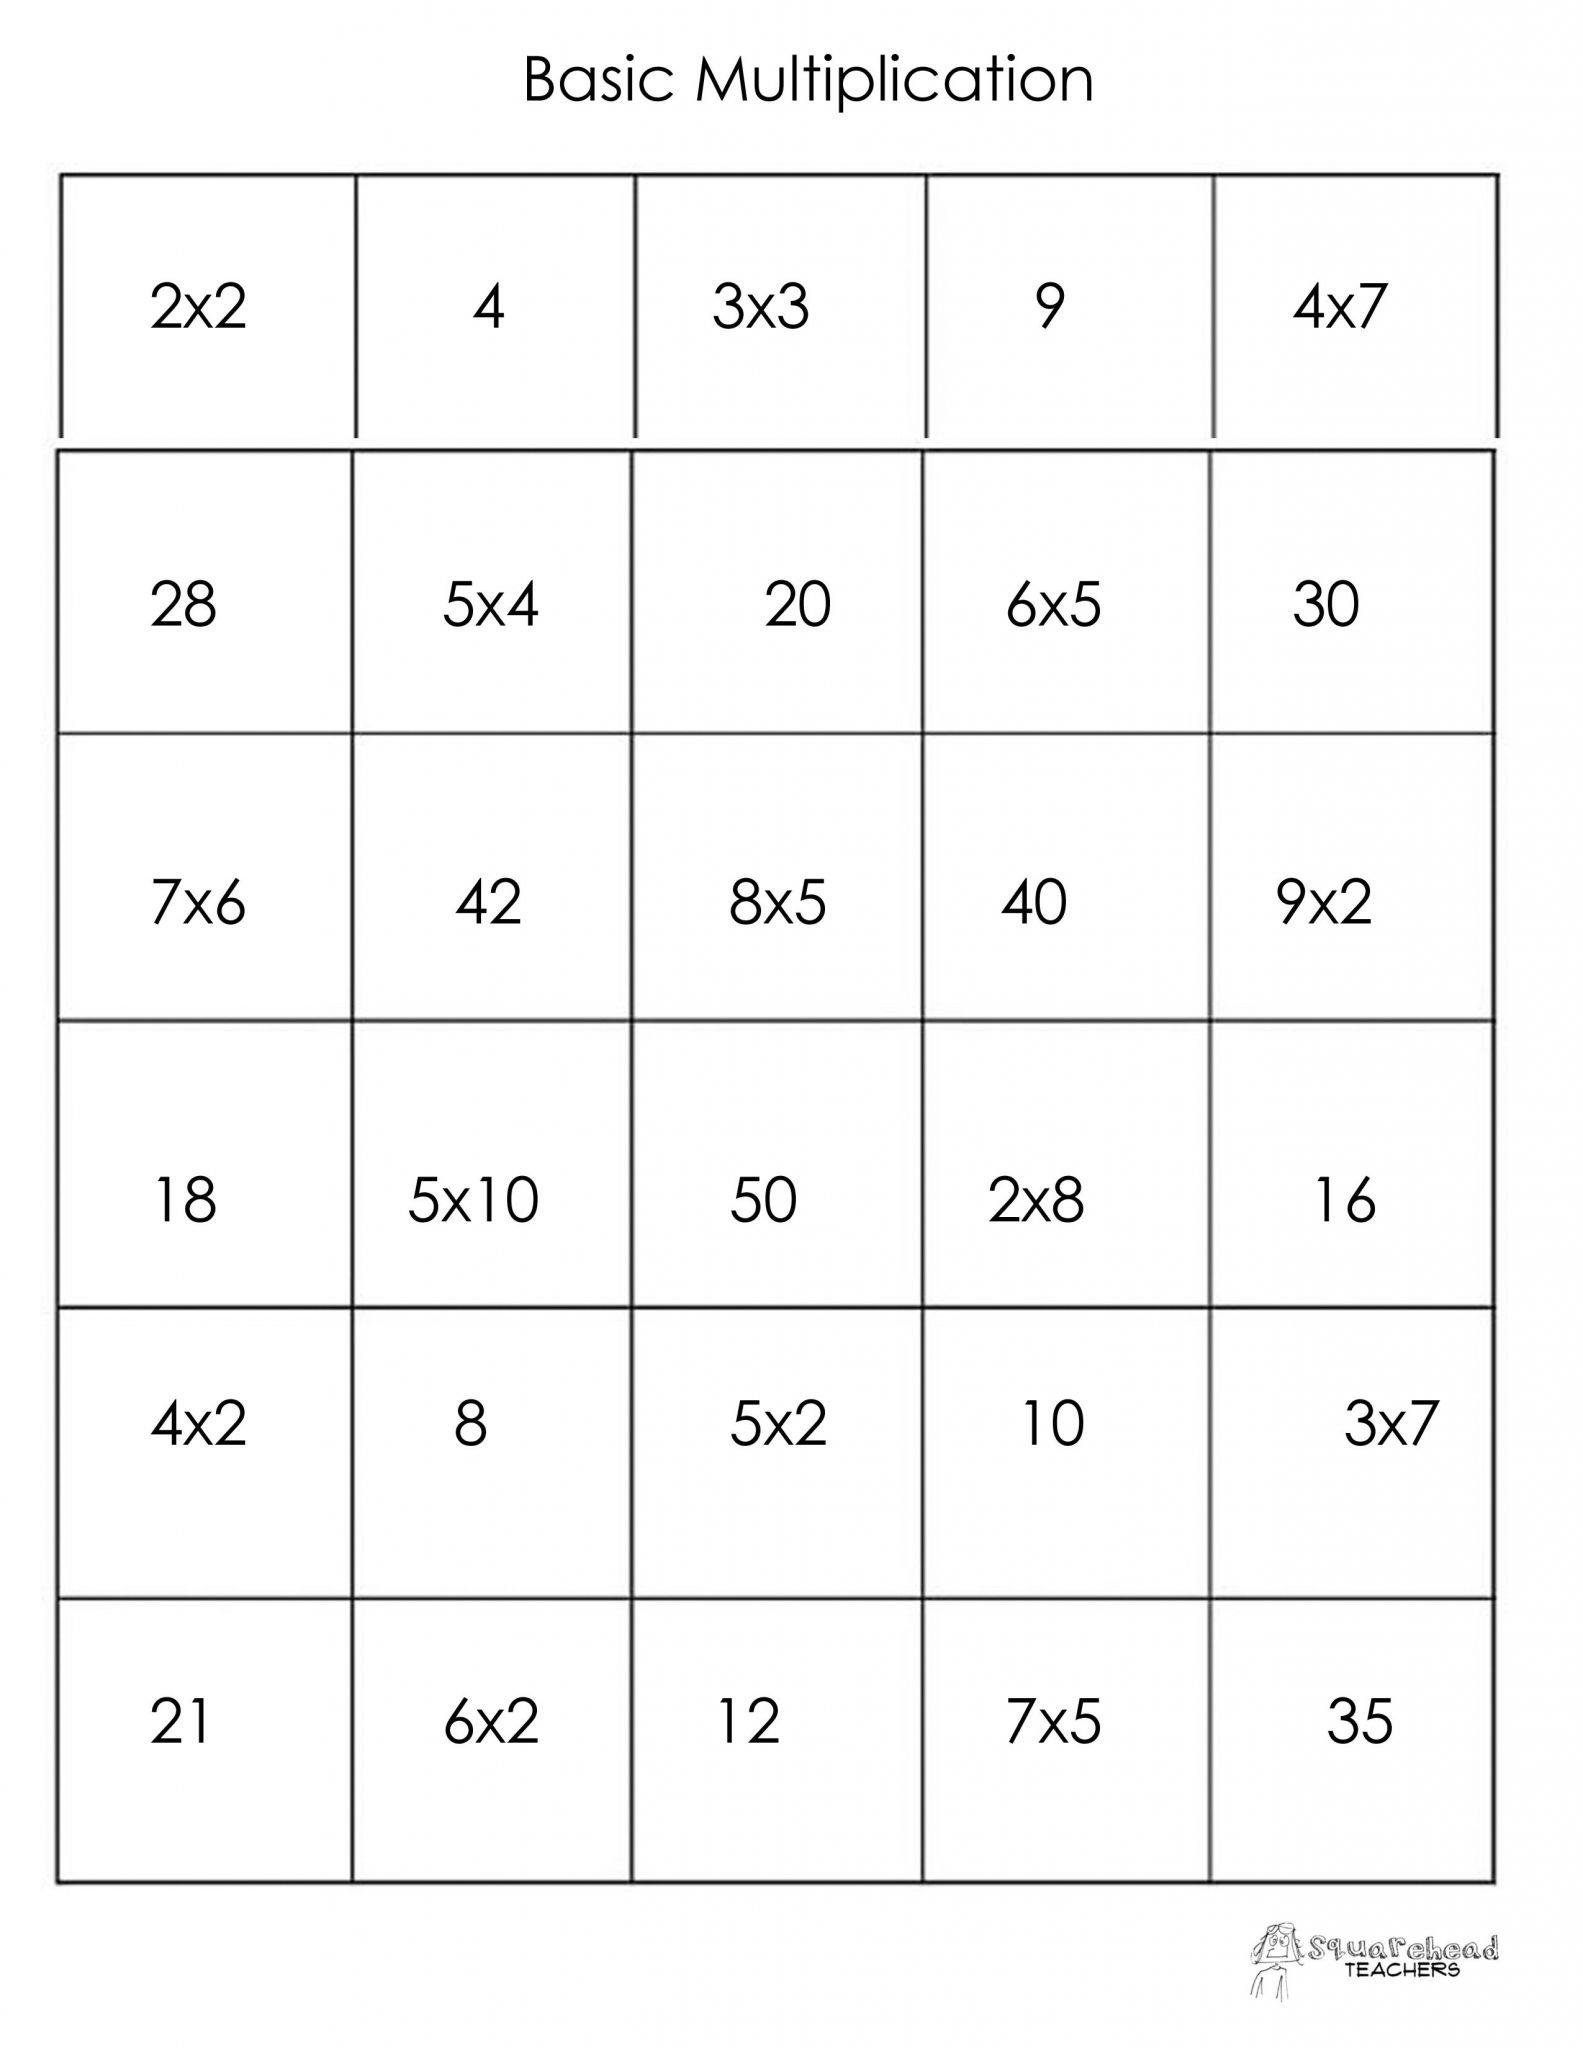 Thanksgiving Math Multiplication Worksheet  Briefencounters With Thanksgiving Math Multiplication Worksheet